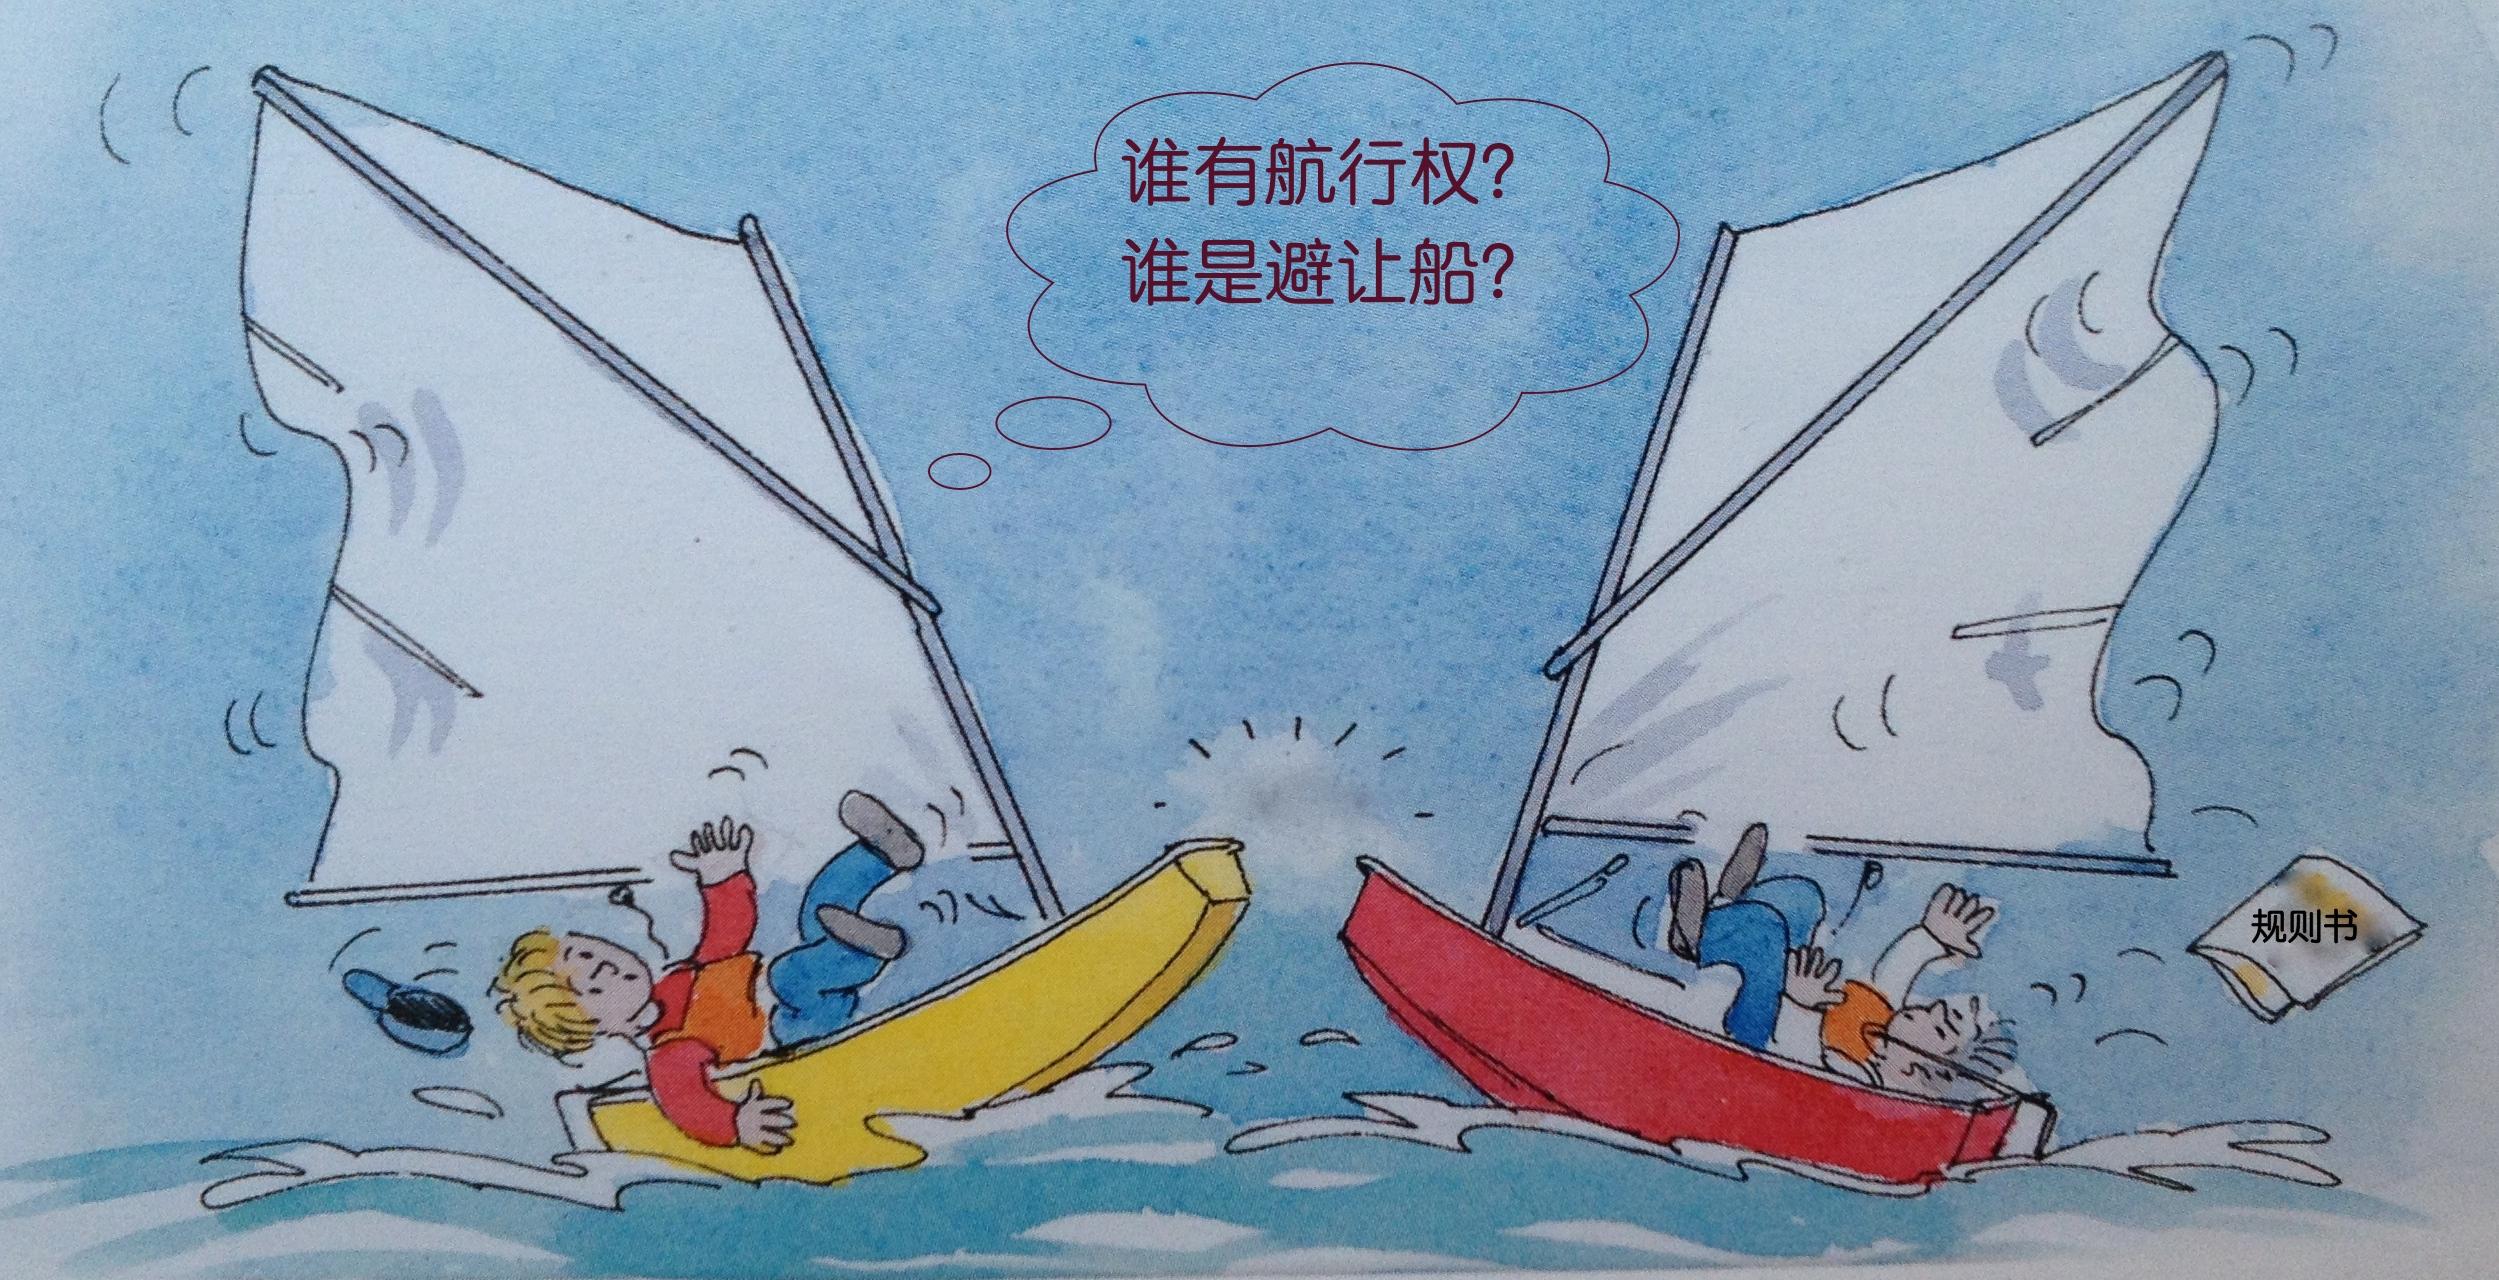 国际帆联,初学者,帆船 帆船是项绅士运动,在海上航行和比赛中,都要自觉遵守规则。 23a规则.jpg